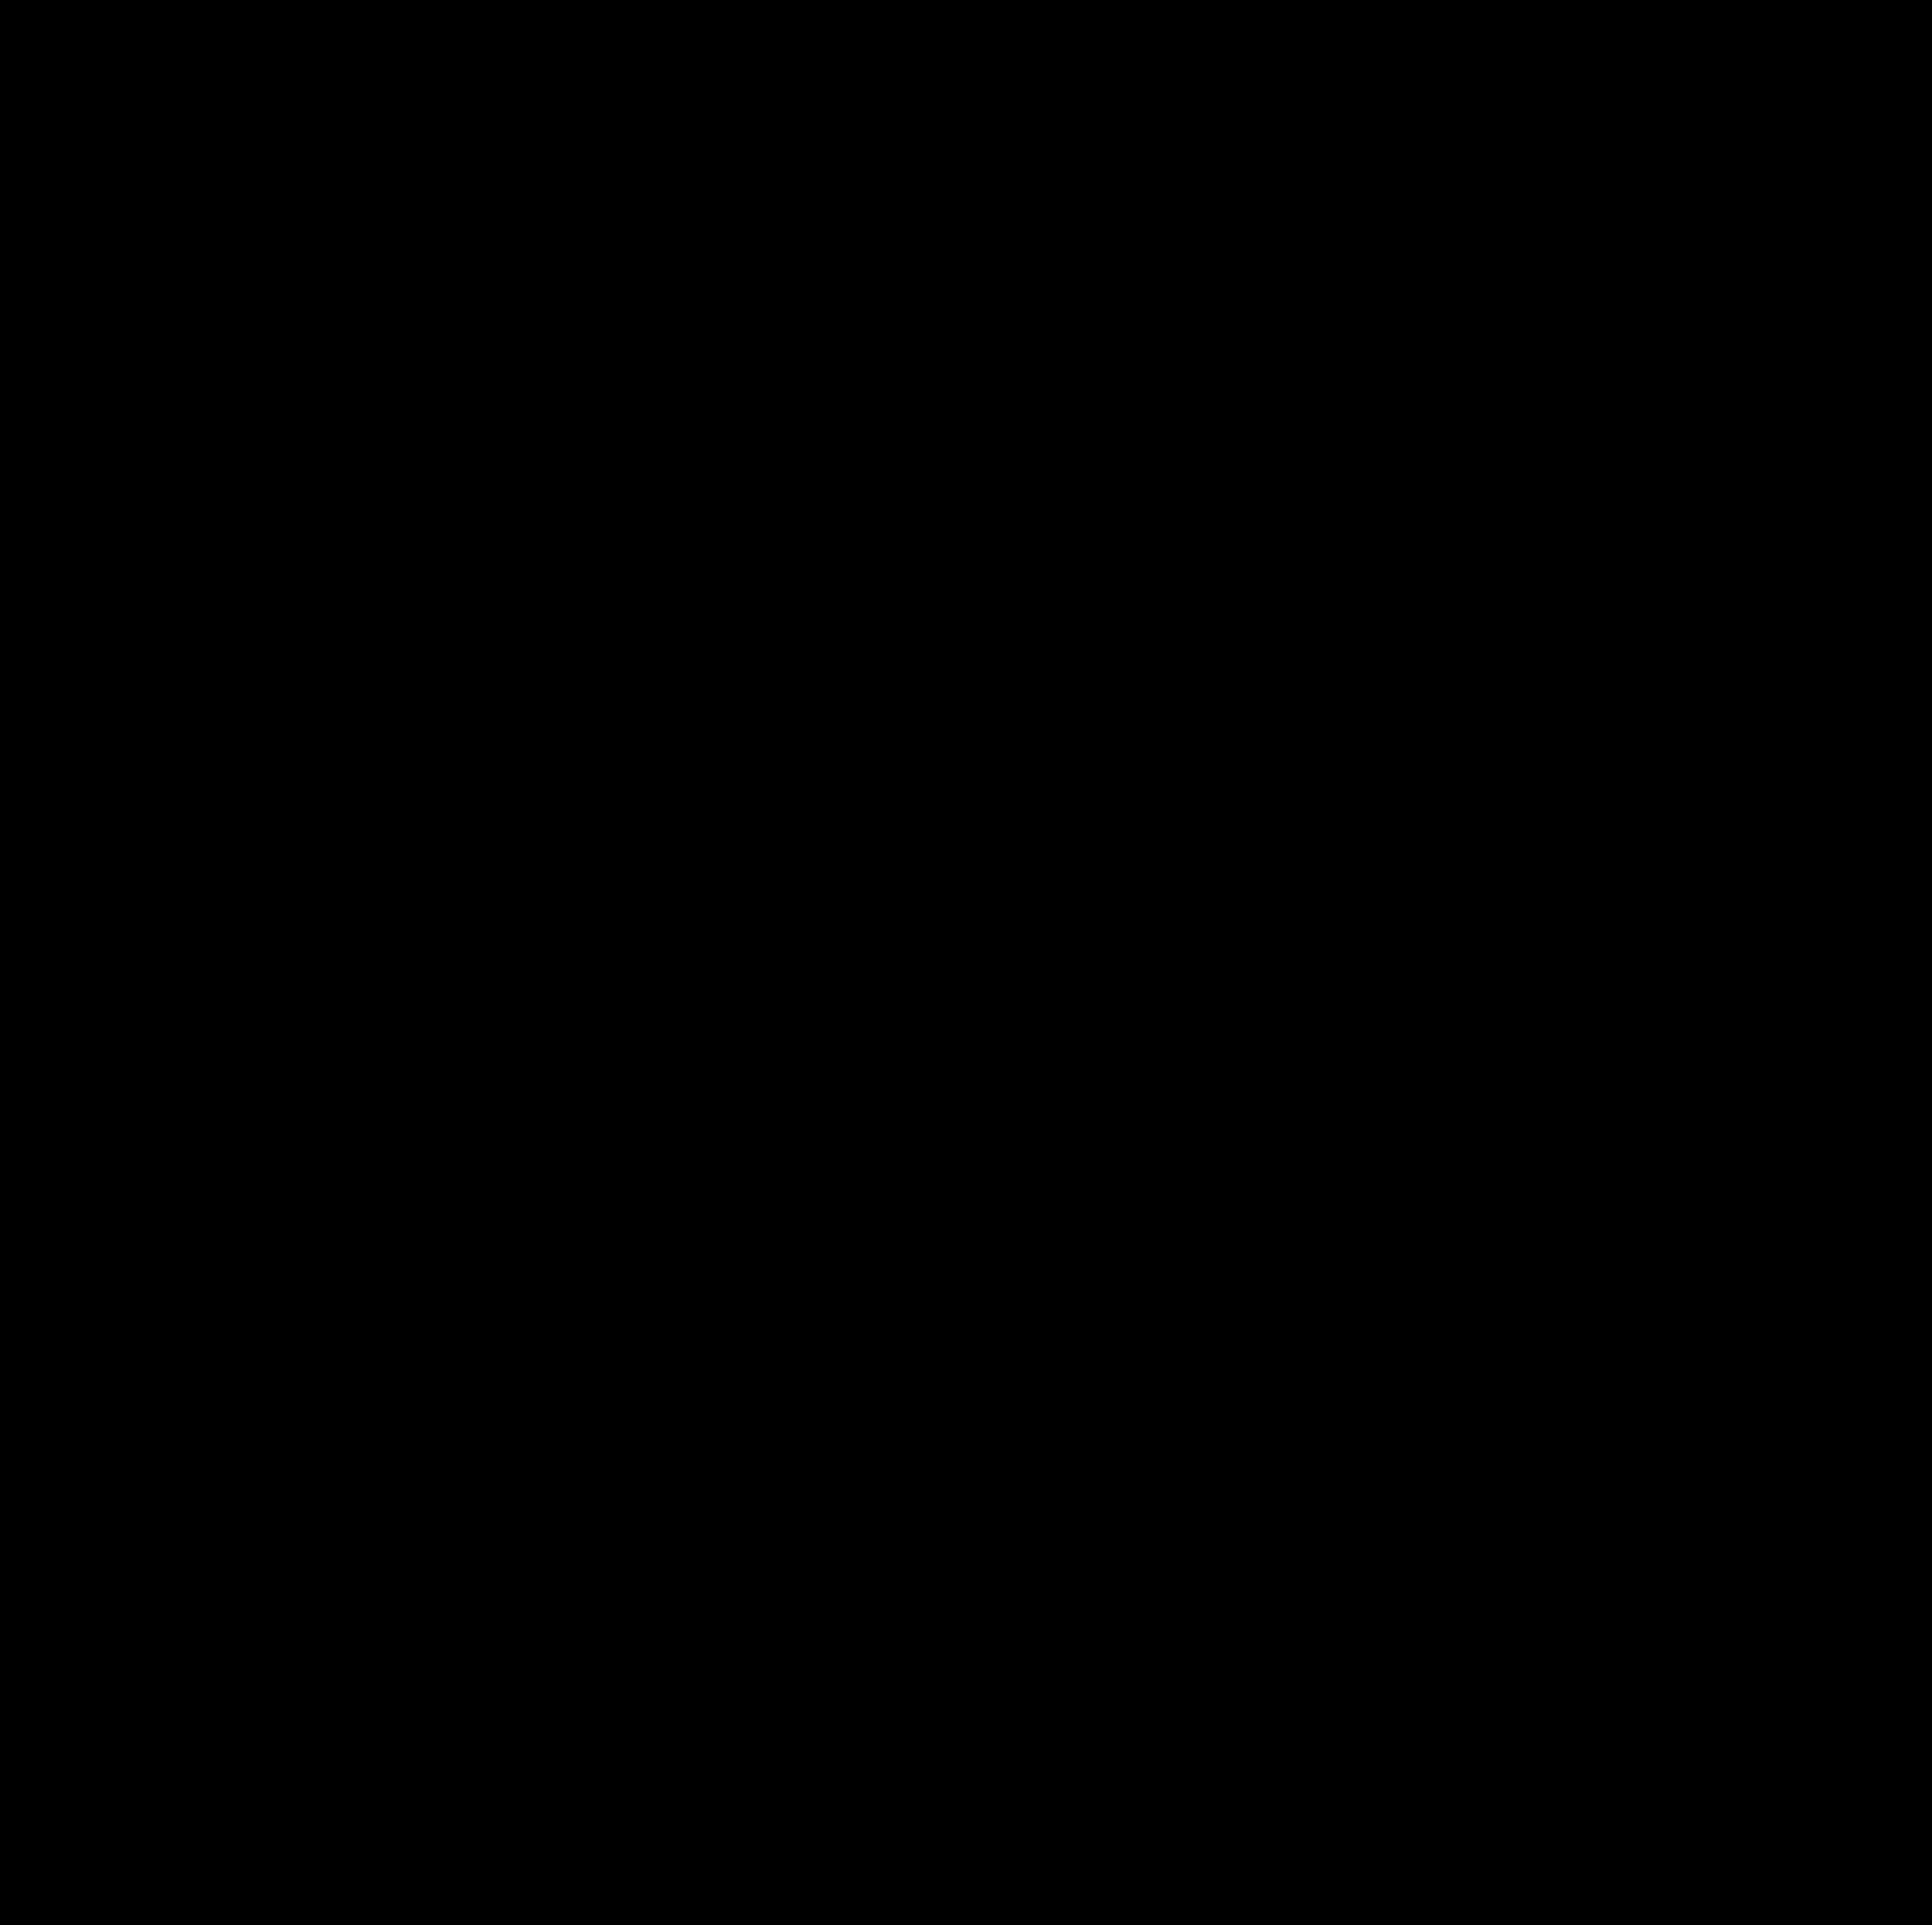 The Katamama Hotel Bali